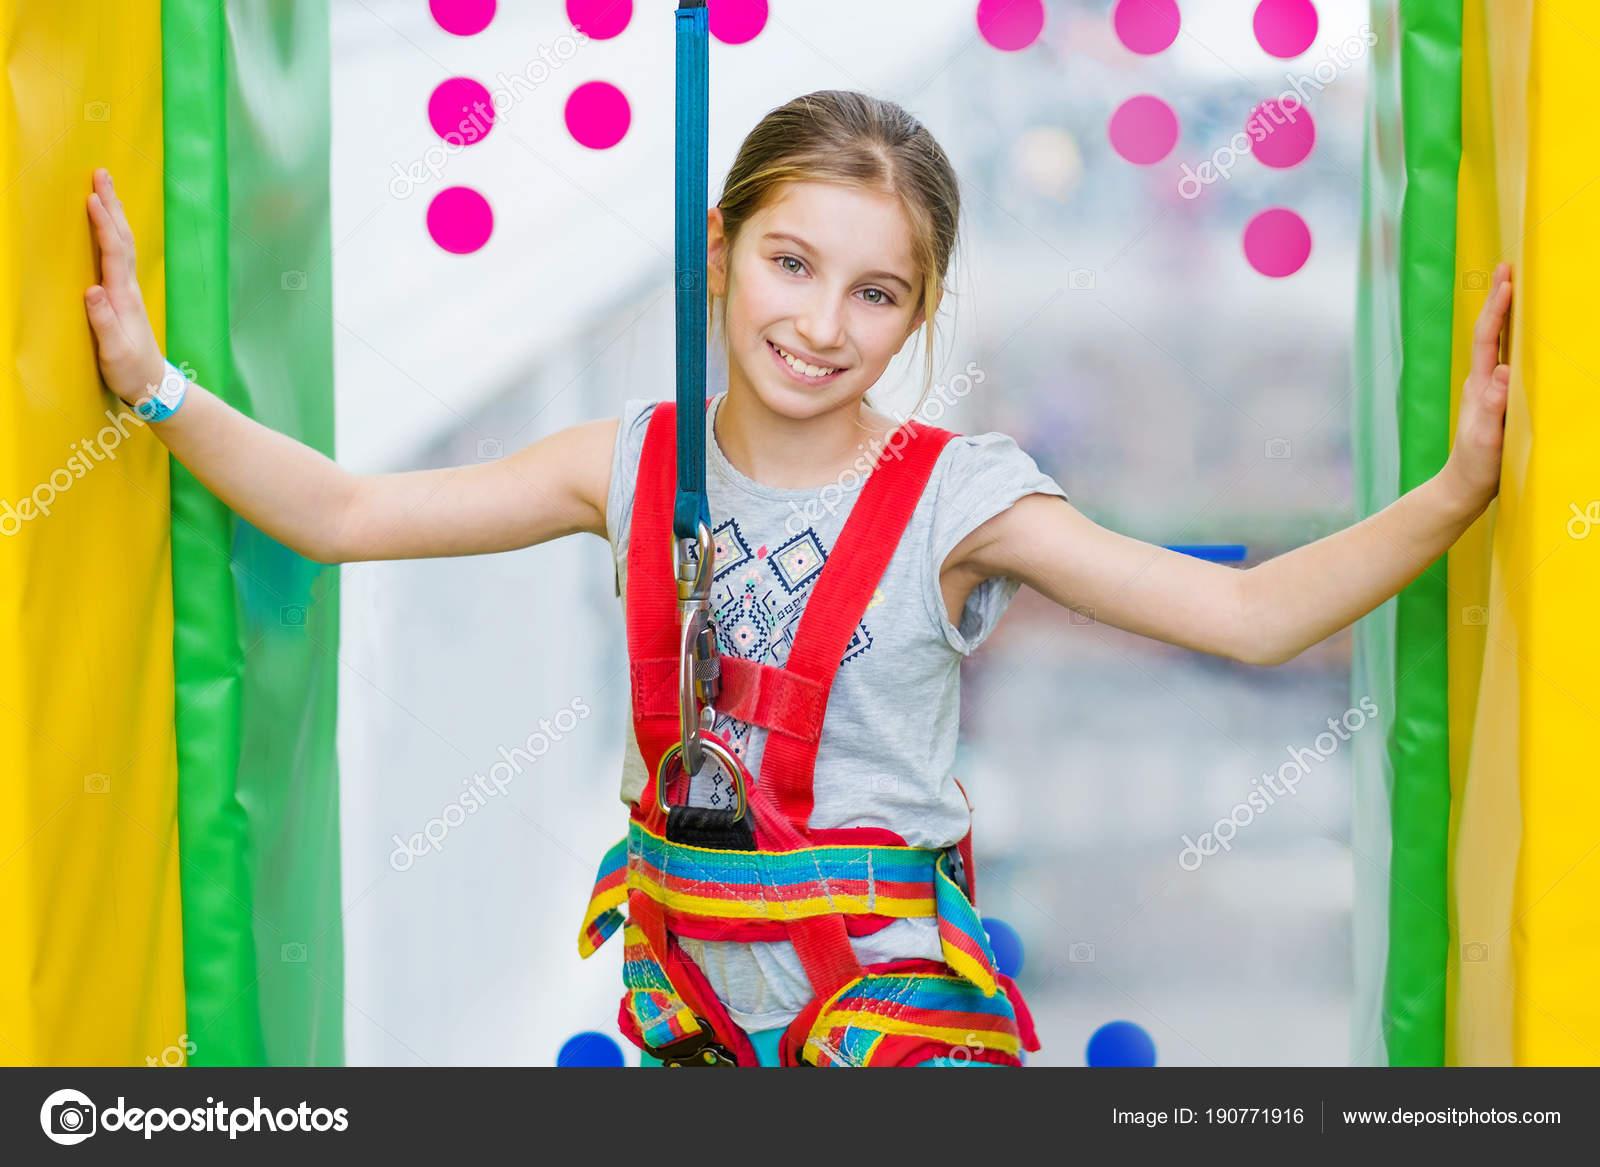 Klettergurt Mädchen : Klettergurt mädchen sommerfreizeit ist die schönste zeitu